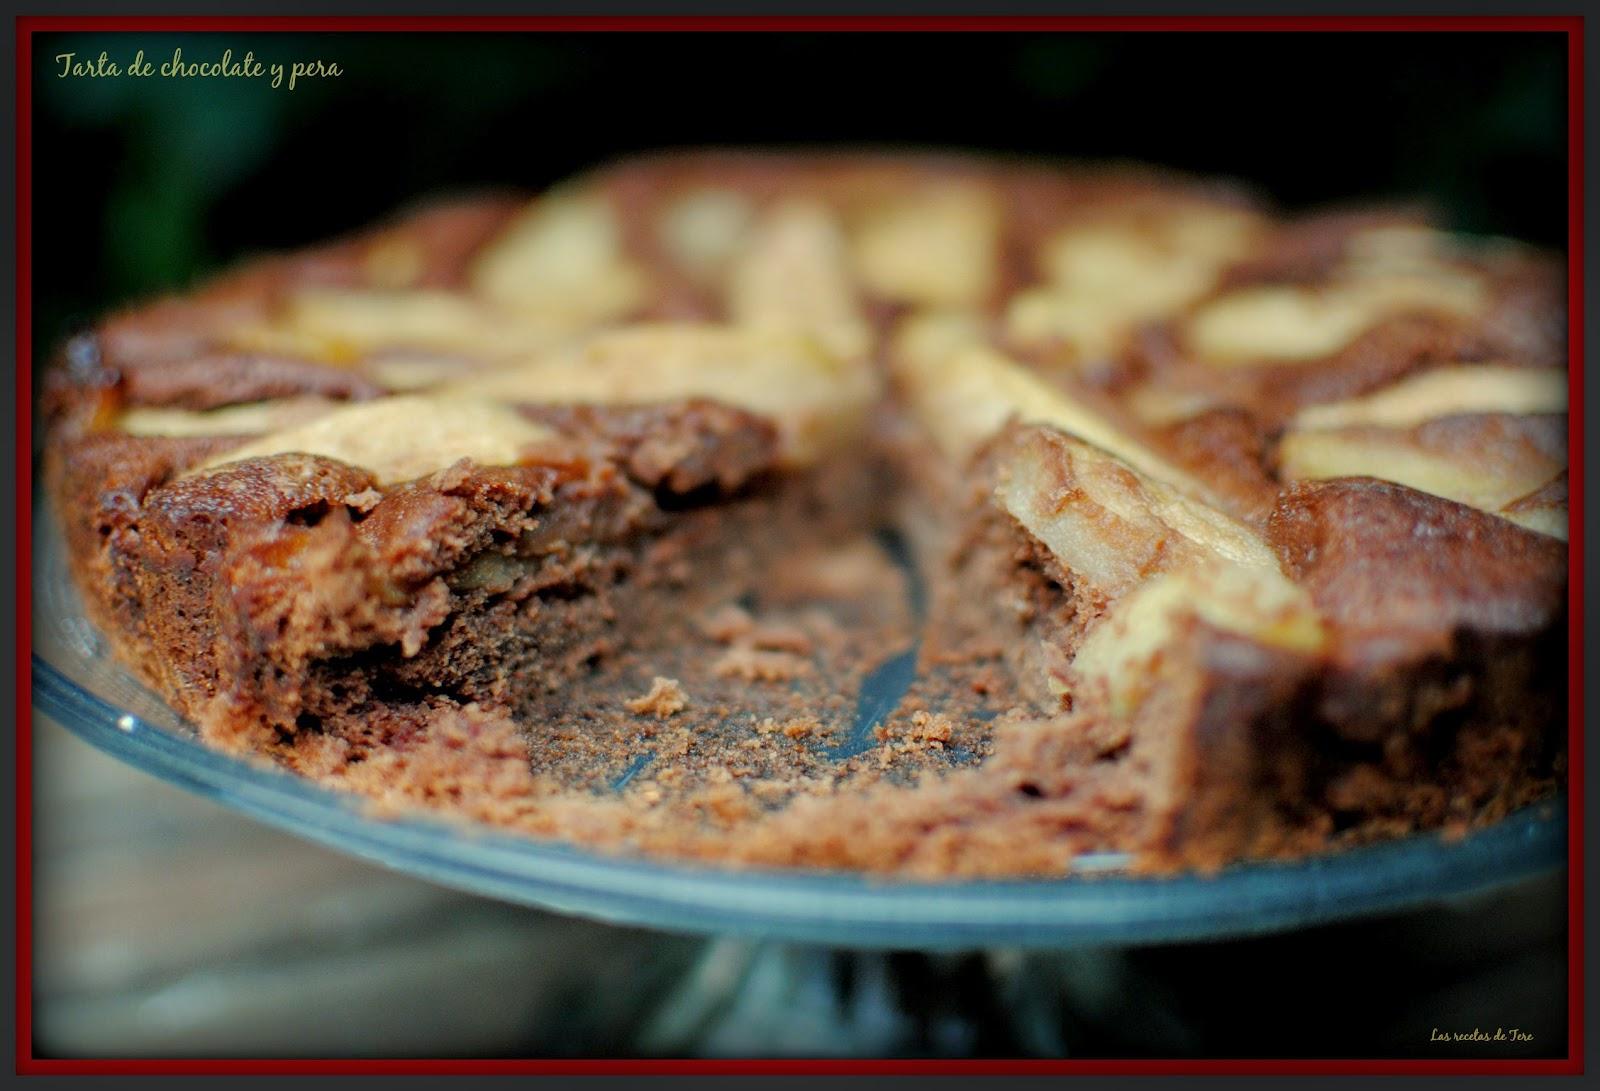 tarta de chocolate y pera tererecetas 06